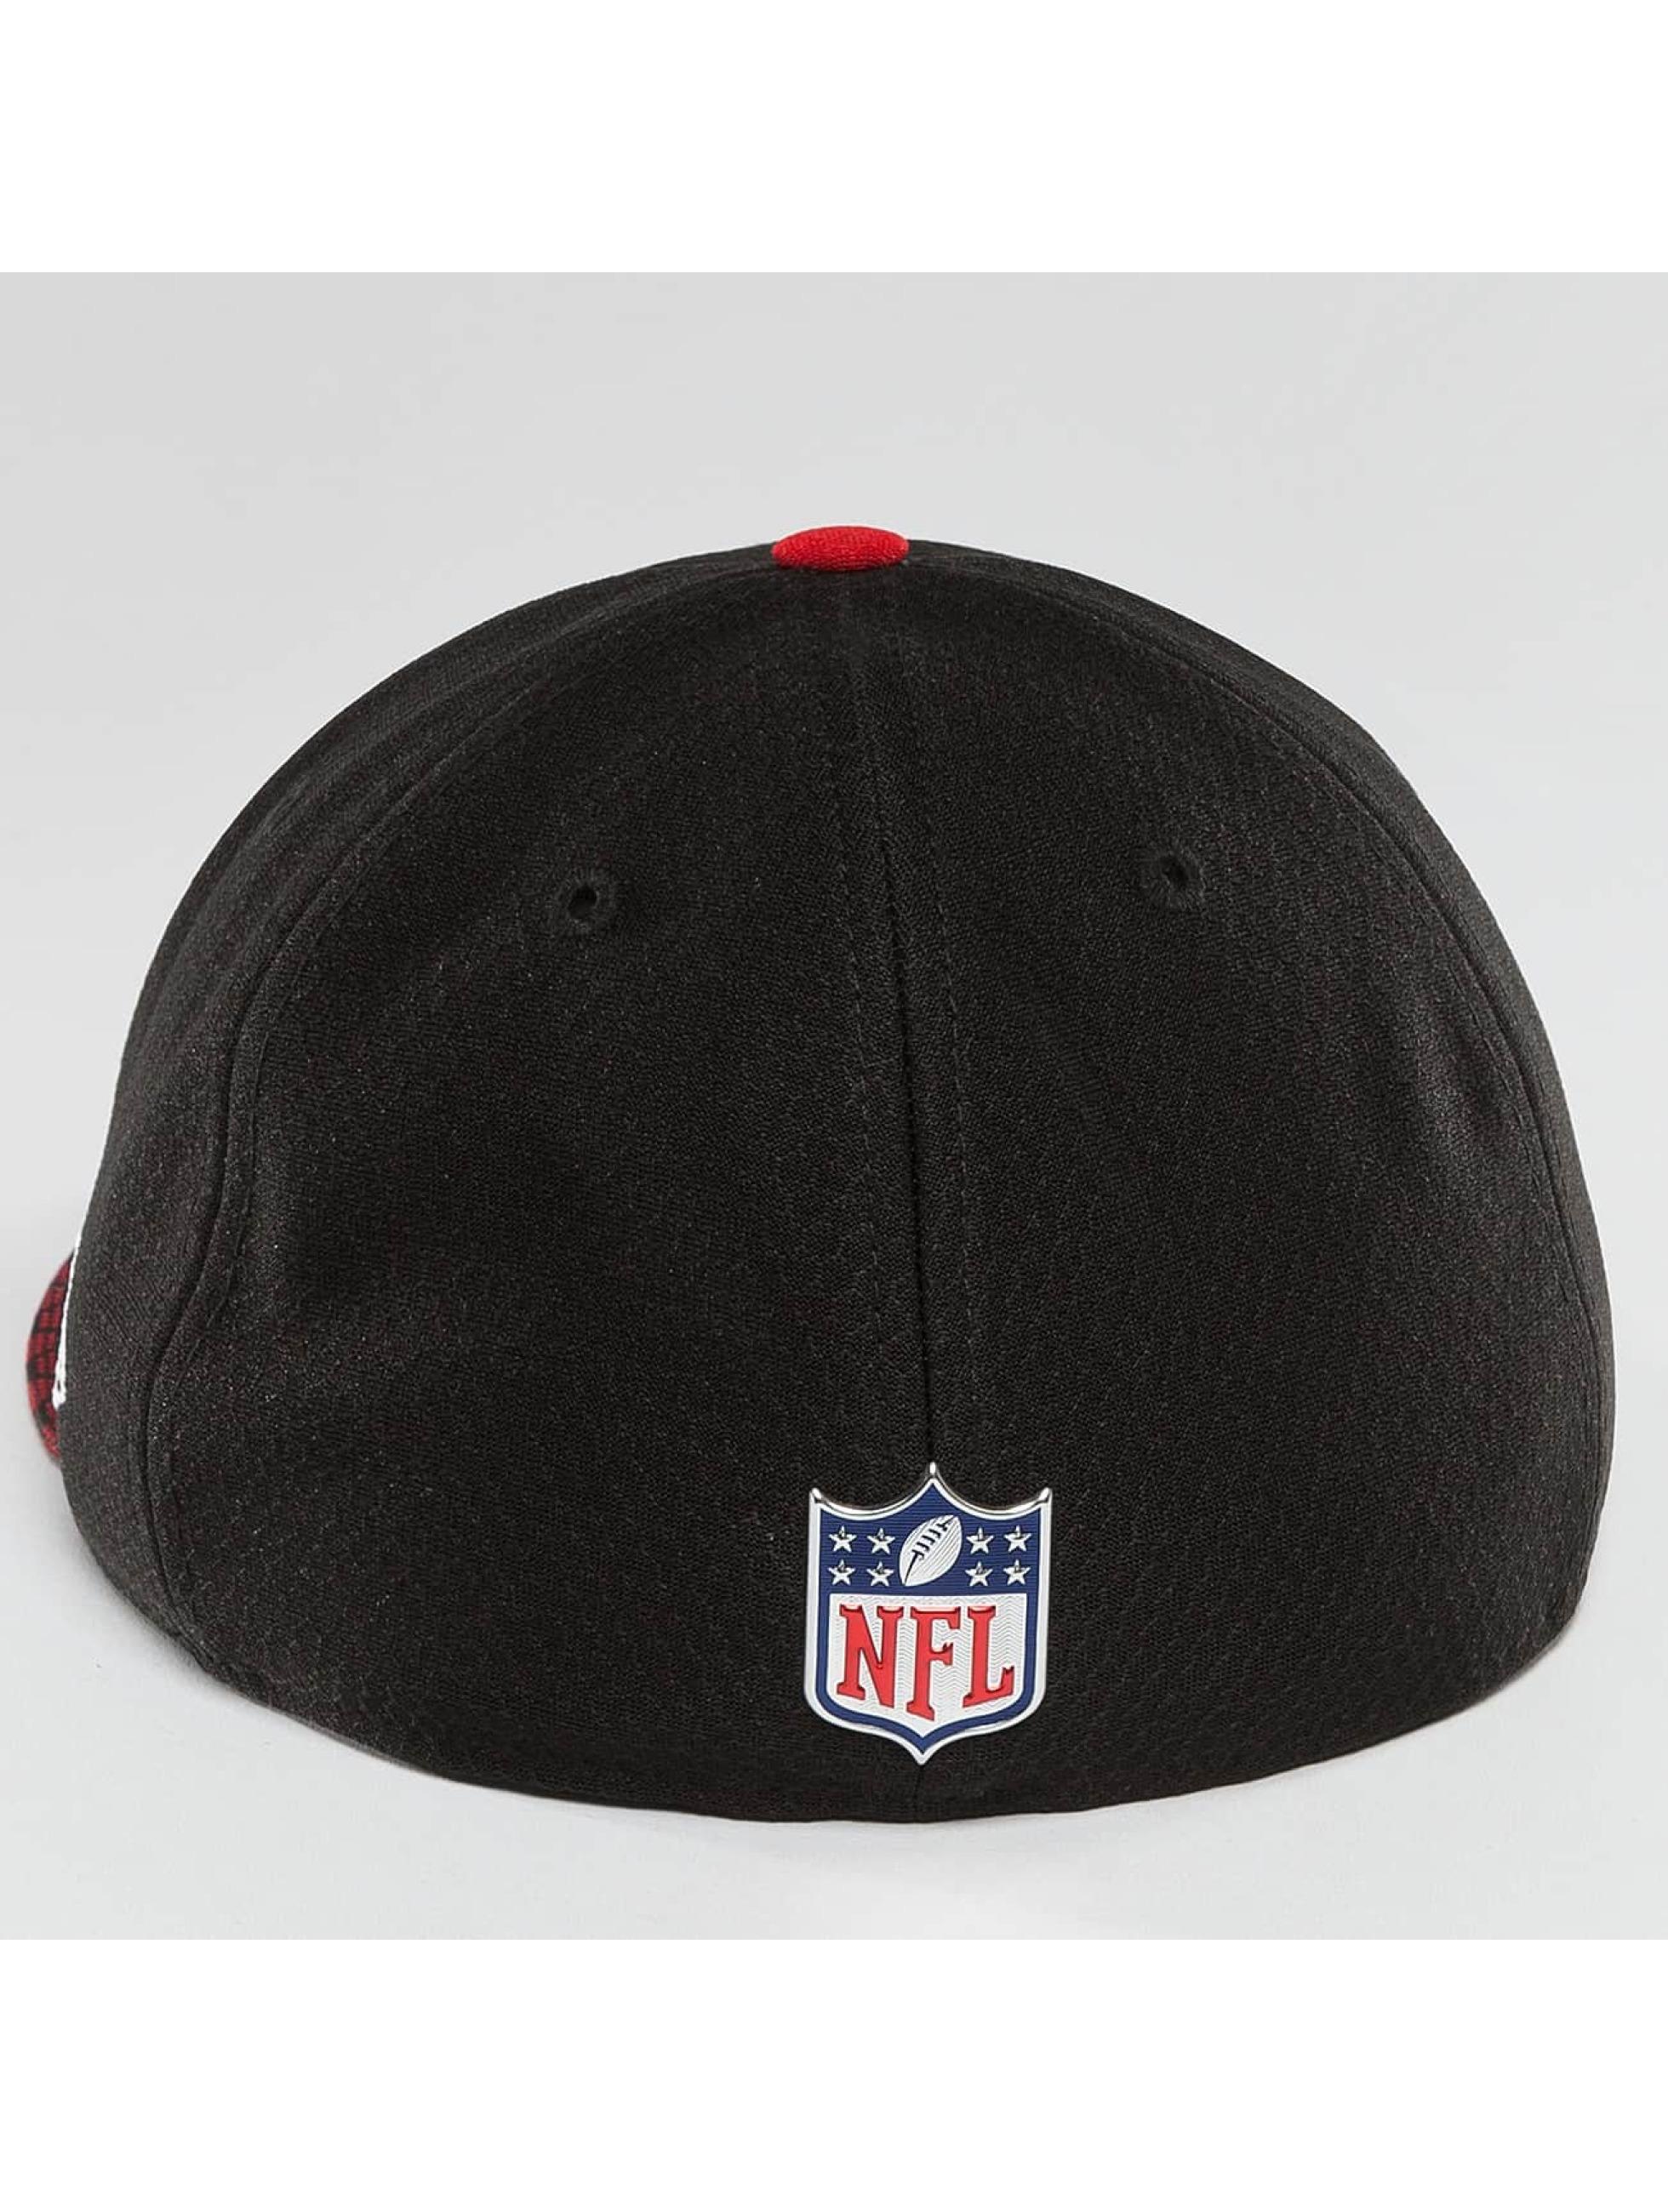 New Era Fitted Cap NFL On Field Atlanta Falcons 59Fifty czarny